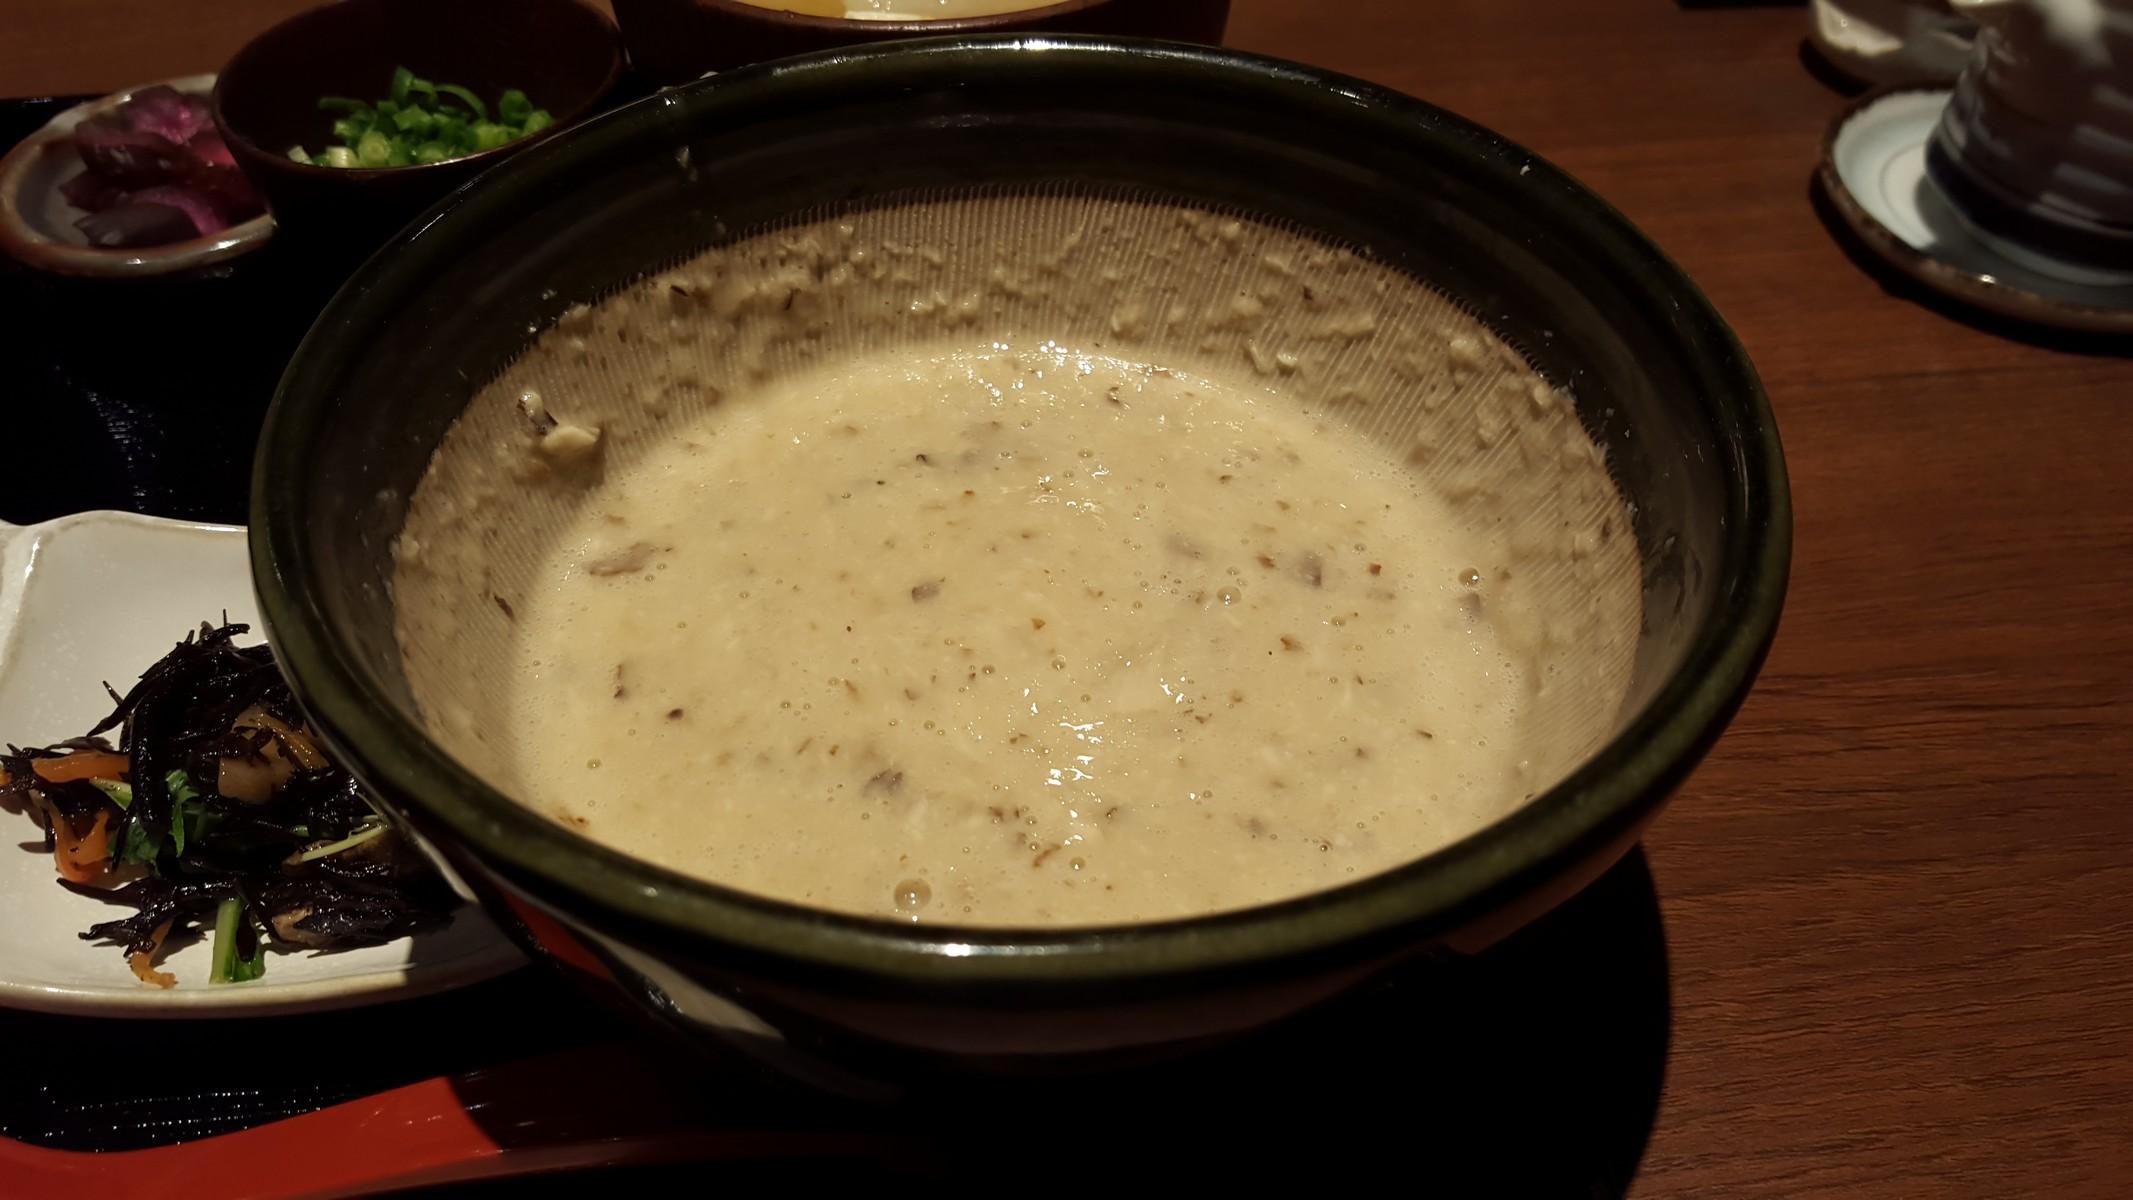 自然薯膳の自然薯【ご飯ととろろ とろ麦/浅草】